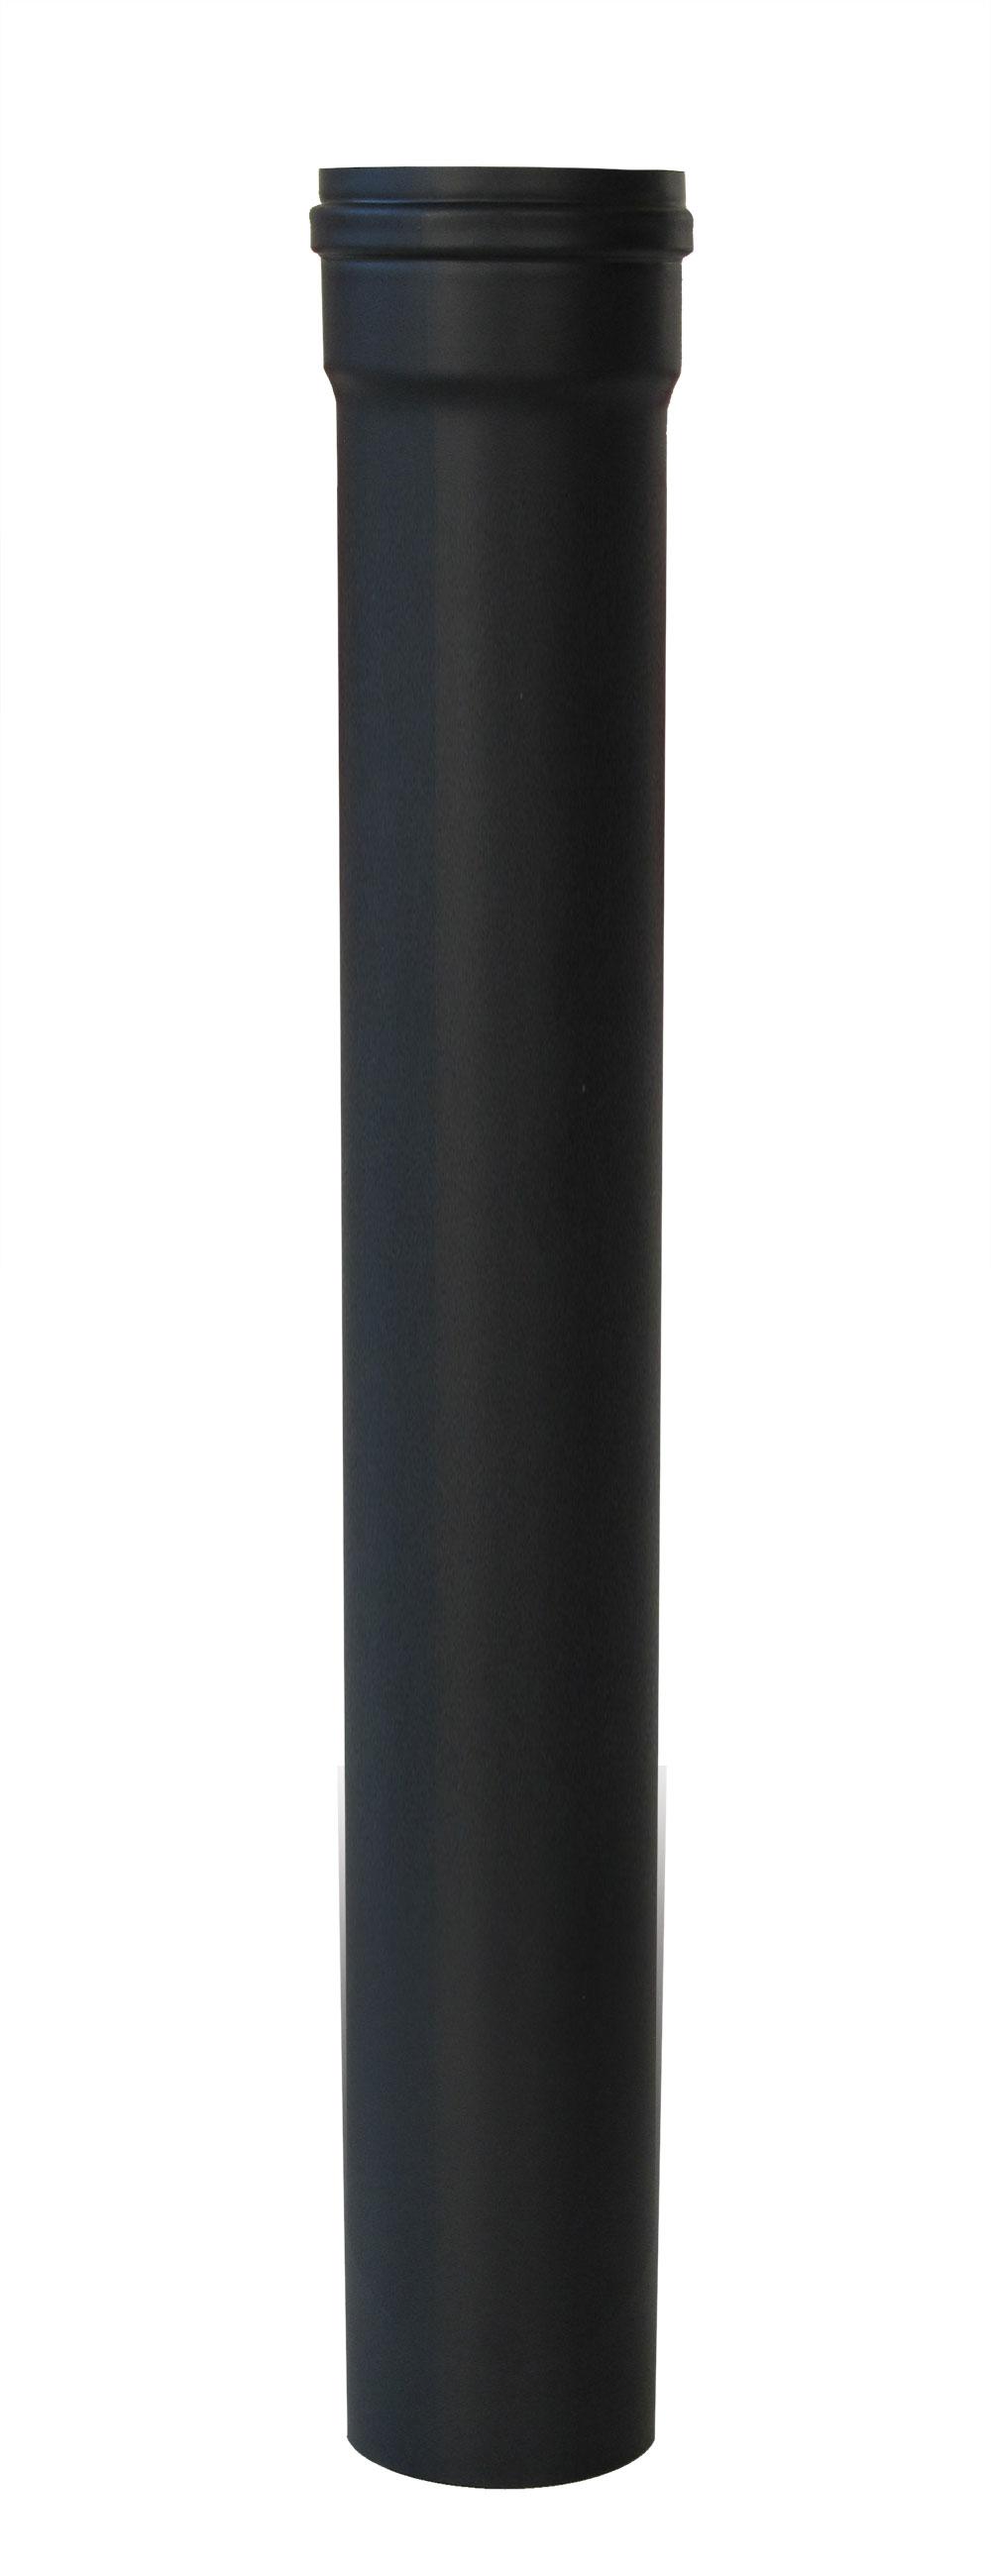 Ofenrohr für Pelletofen Senotherm 0,8mm schwarz Ø100mm Länge 1000mm Bild 3